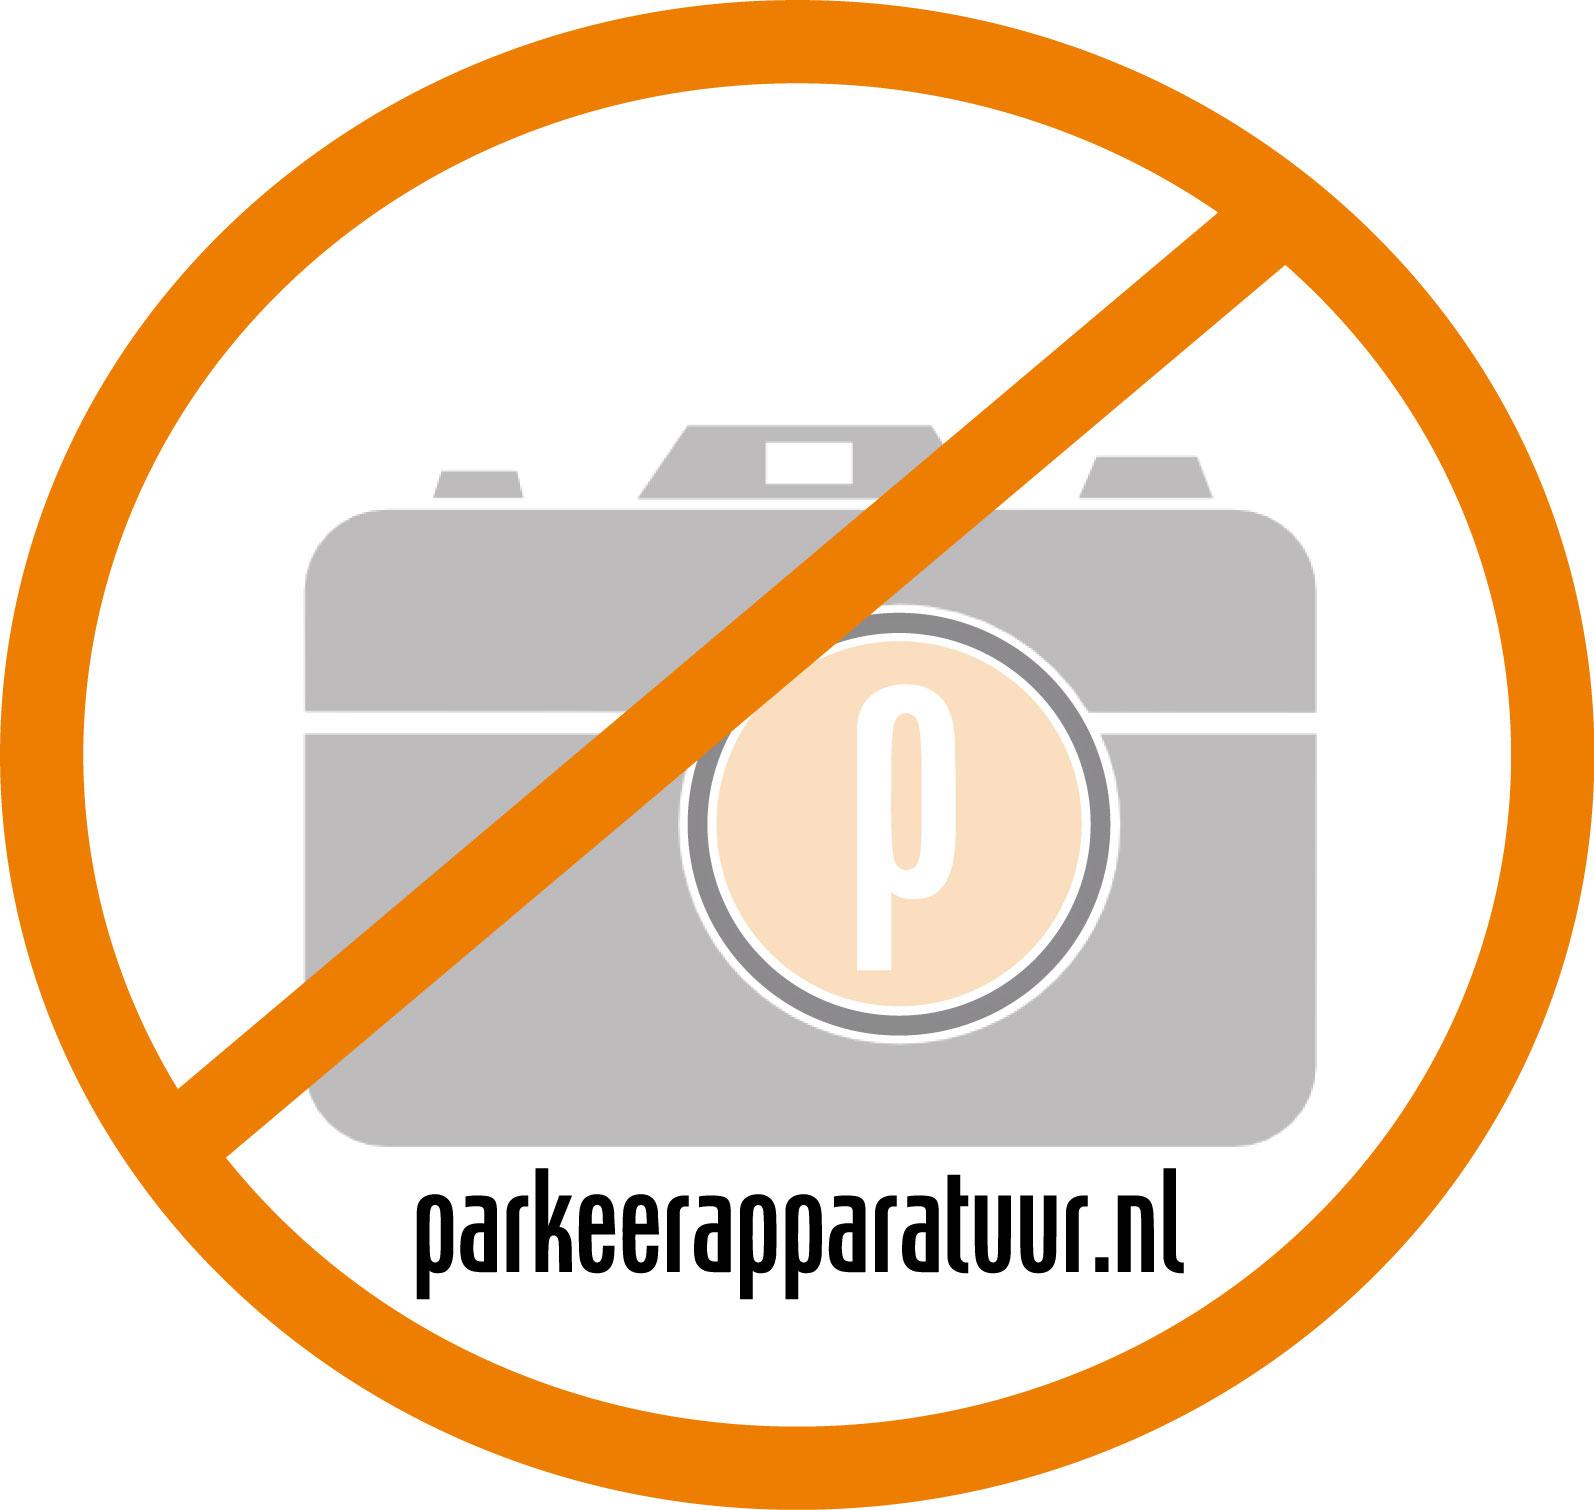 Sleutelschakelaar opbouw (1x puls) SE-APB1-1T